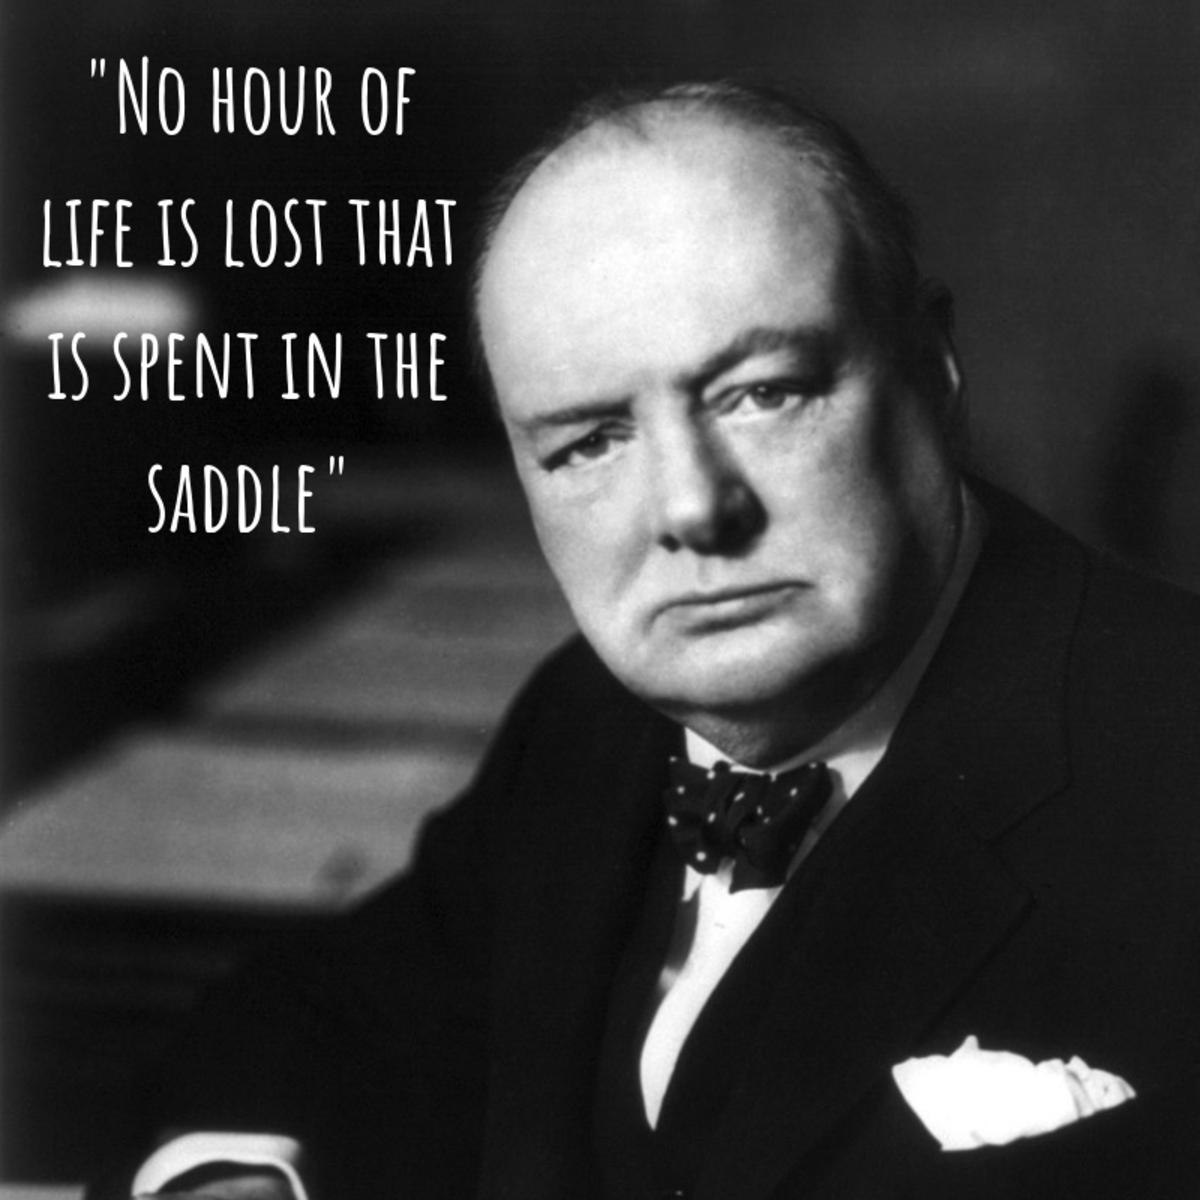 Winston Churchill on horses